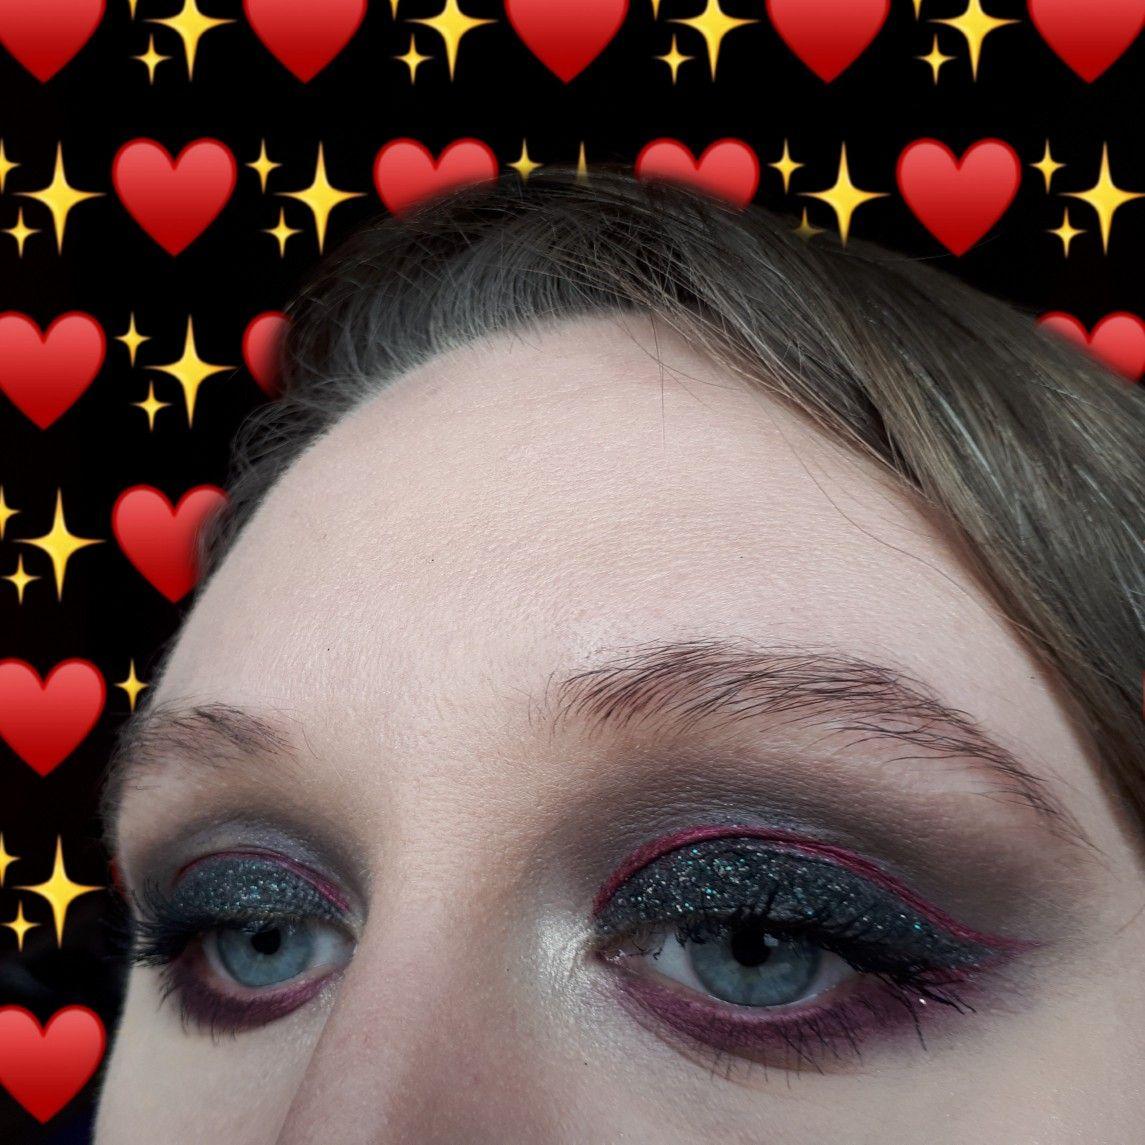 Easy eye makeup tutorial. A glam vamp look